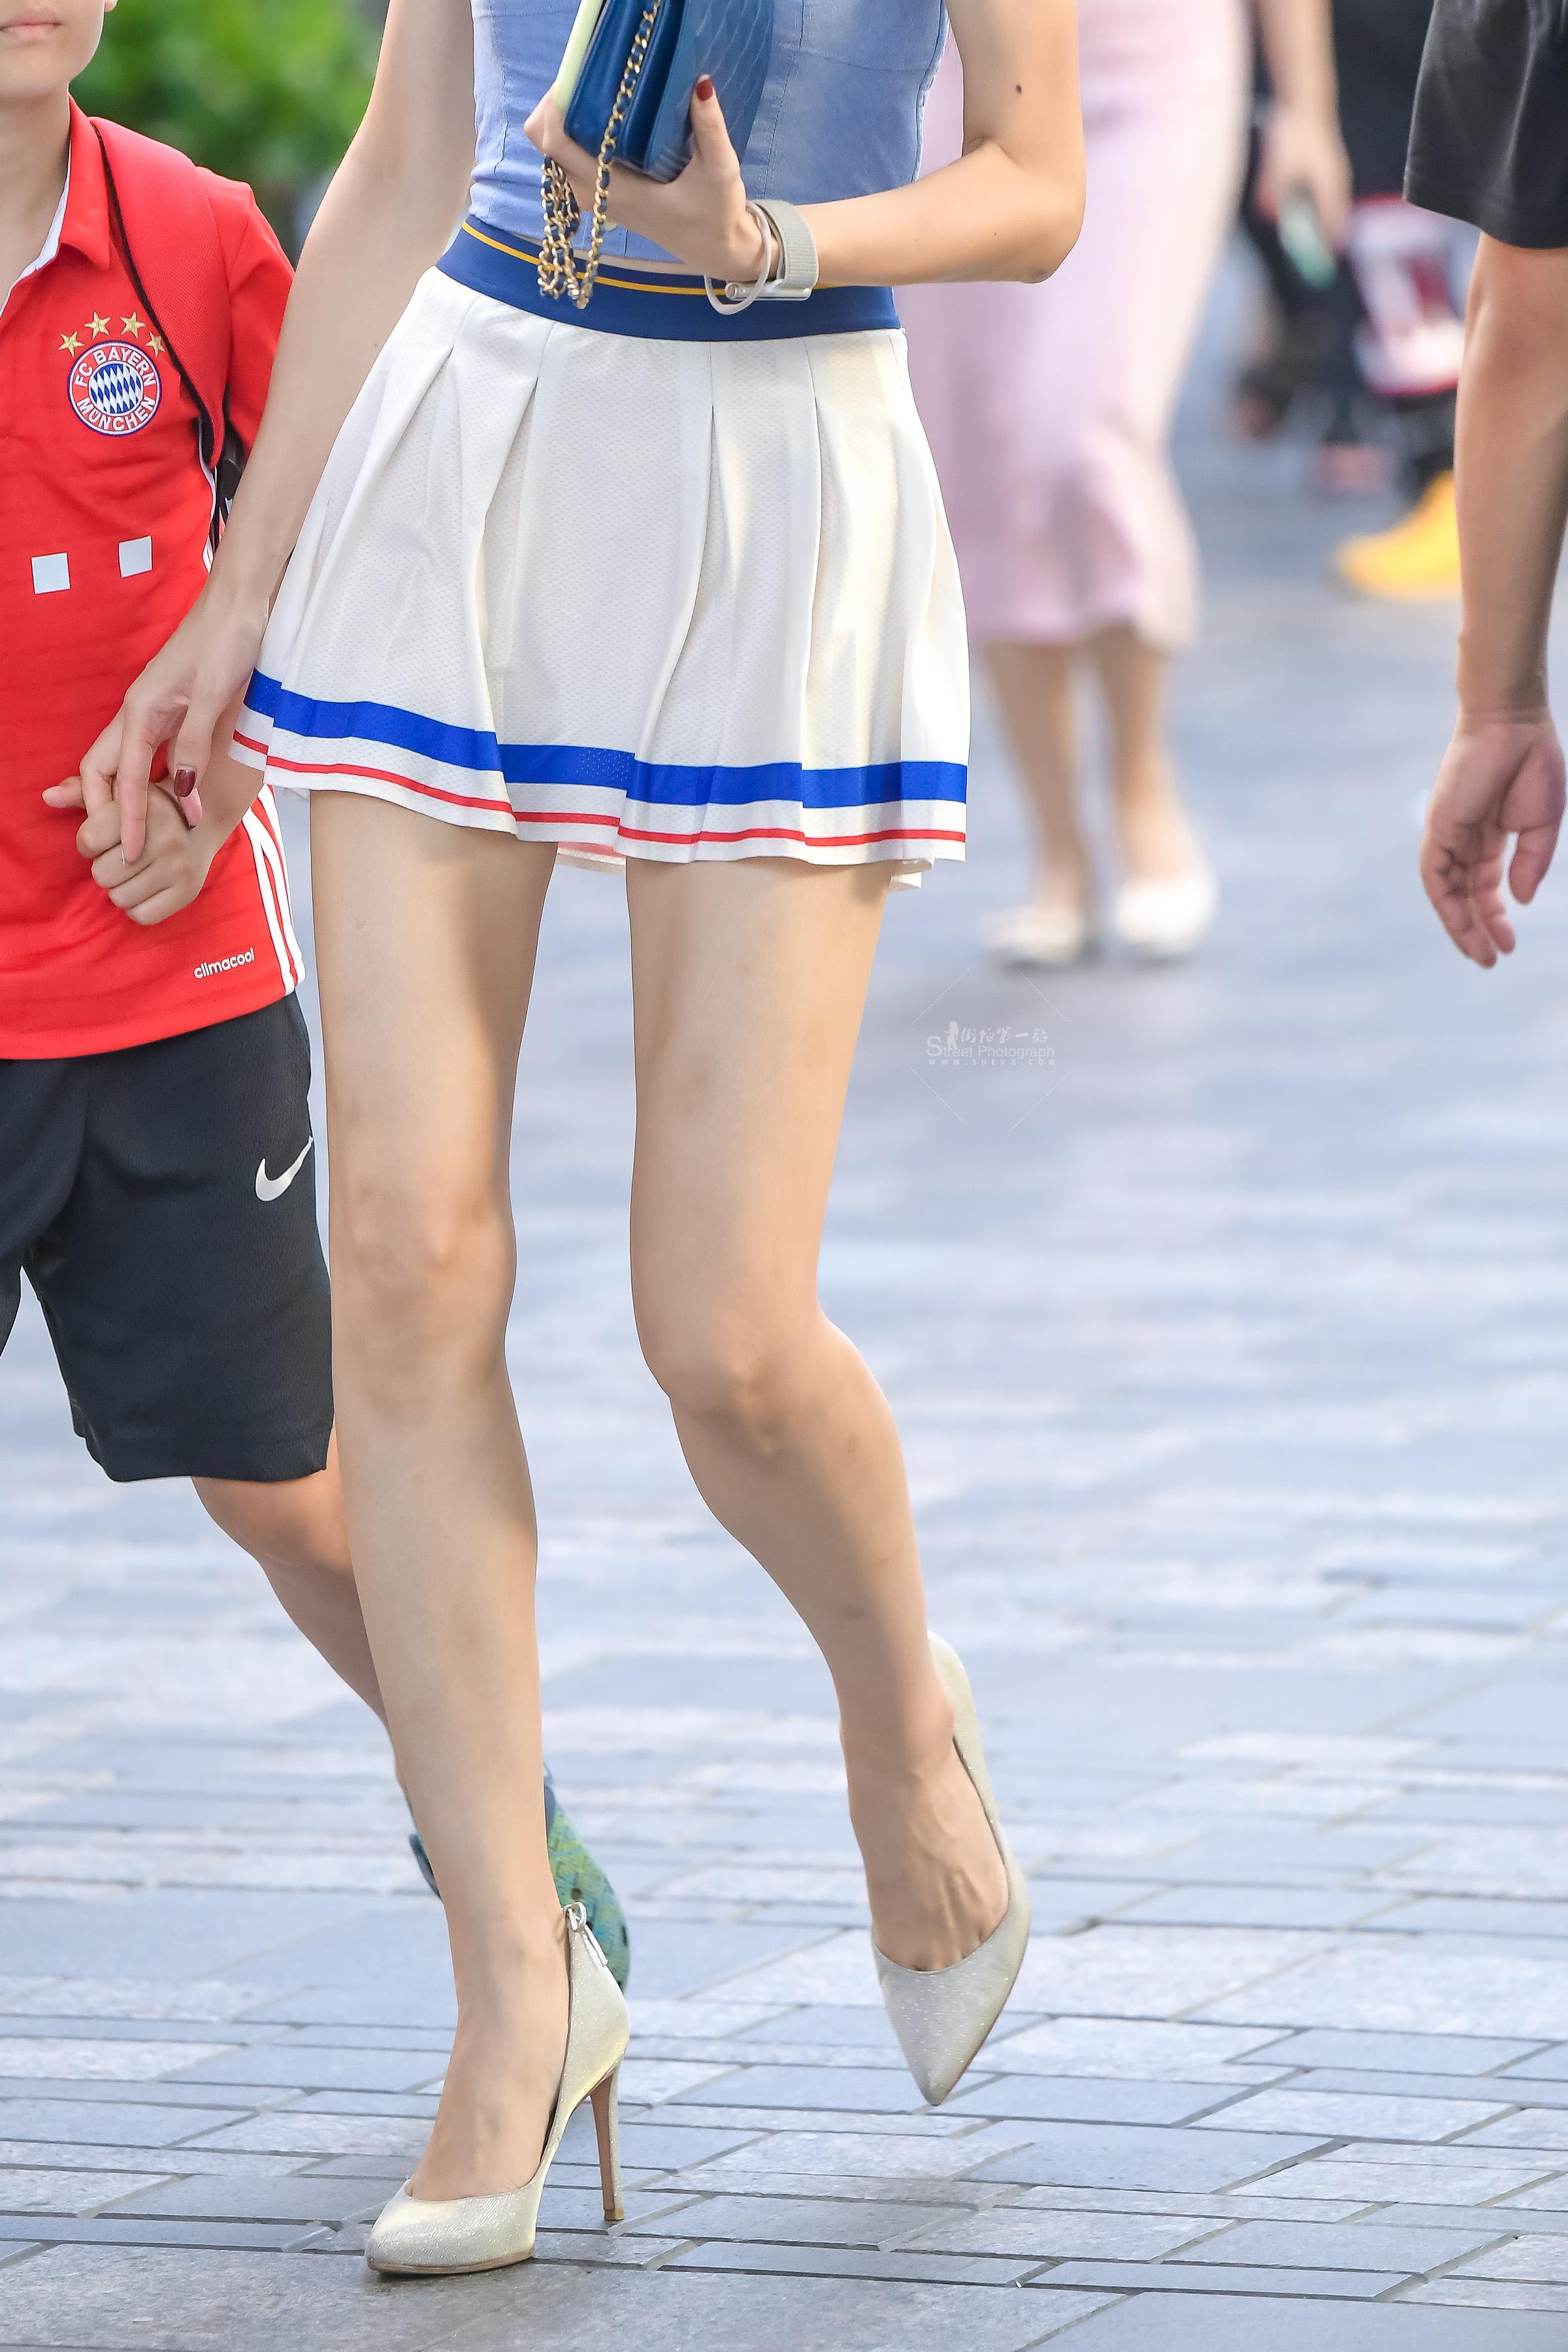 辣妈短裙高跟。这个短裙是拉拉队专属吗? 最新街拍丝袜图片 街拍丝袜第一站